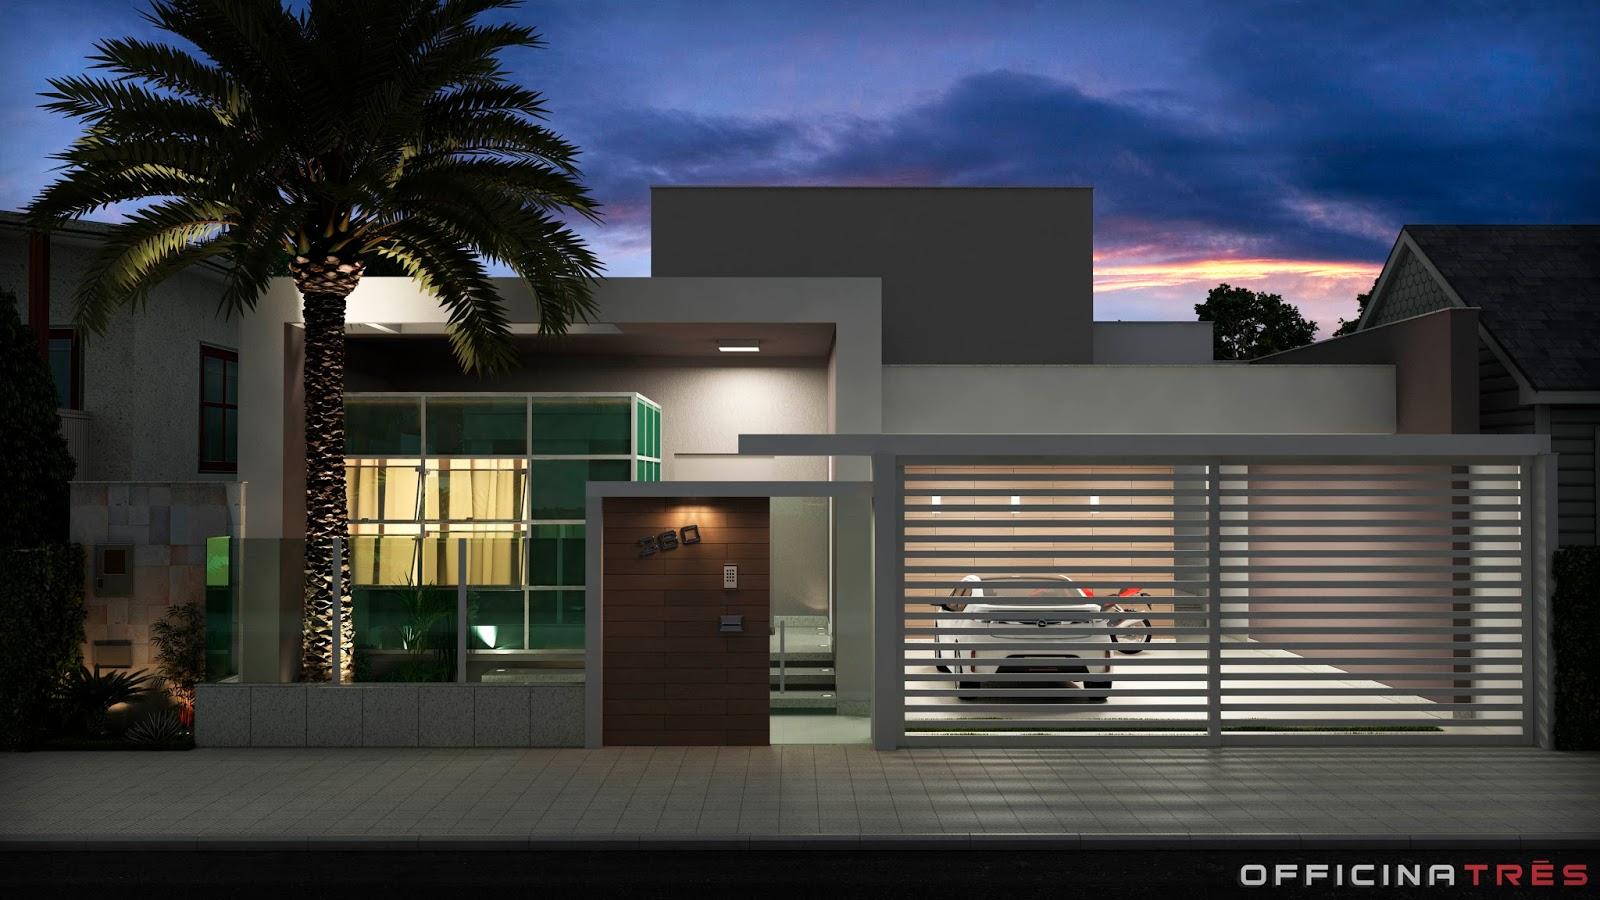 Modelo de casas - Modelos de casas de un piso bonitas ...